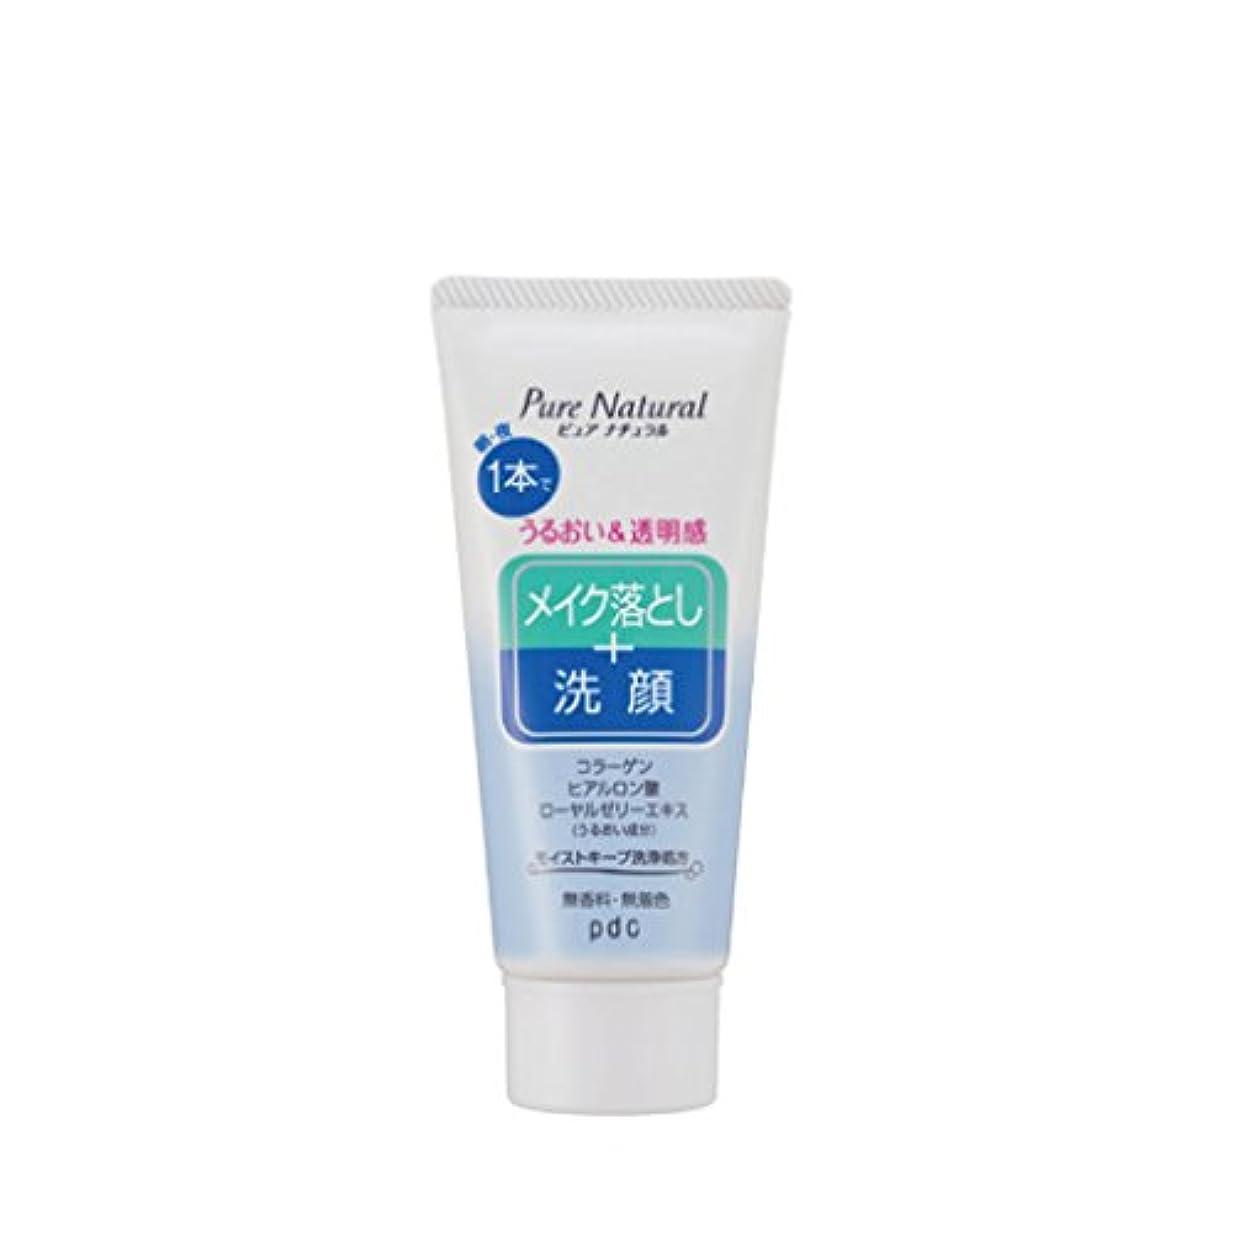 お手伝いさん確認してくださいマーティンルーサーキングジュニアPure NATURAL(ピュアナチュラル) クレンジング洗顔 (ミニサイズ) 70g